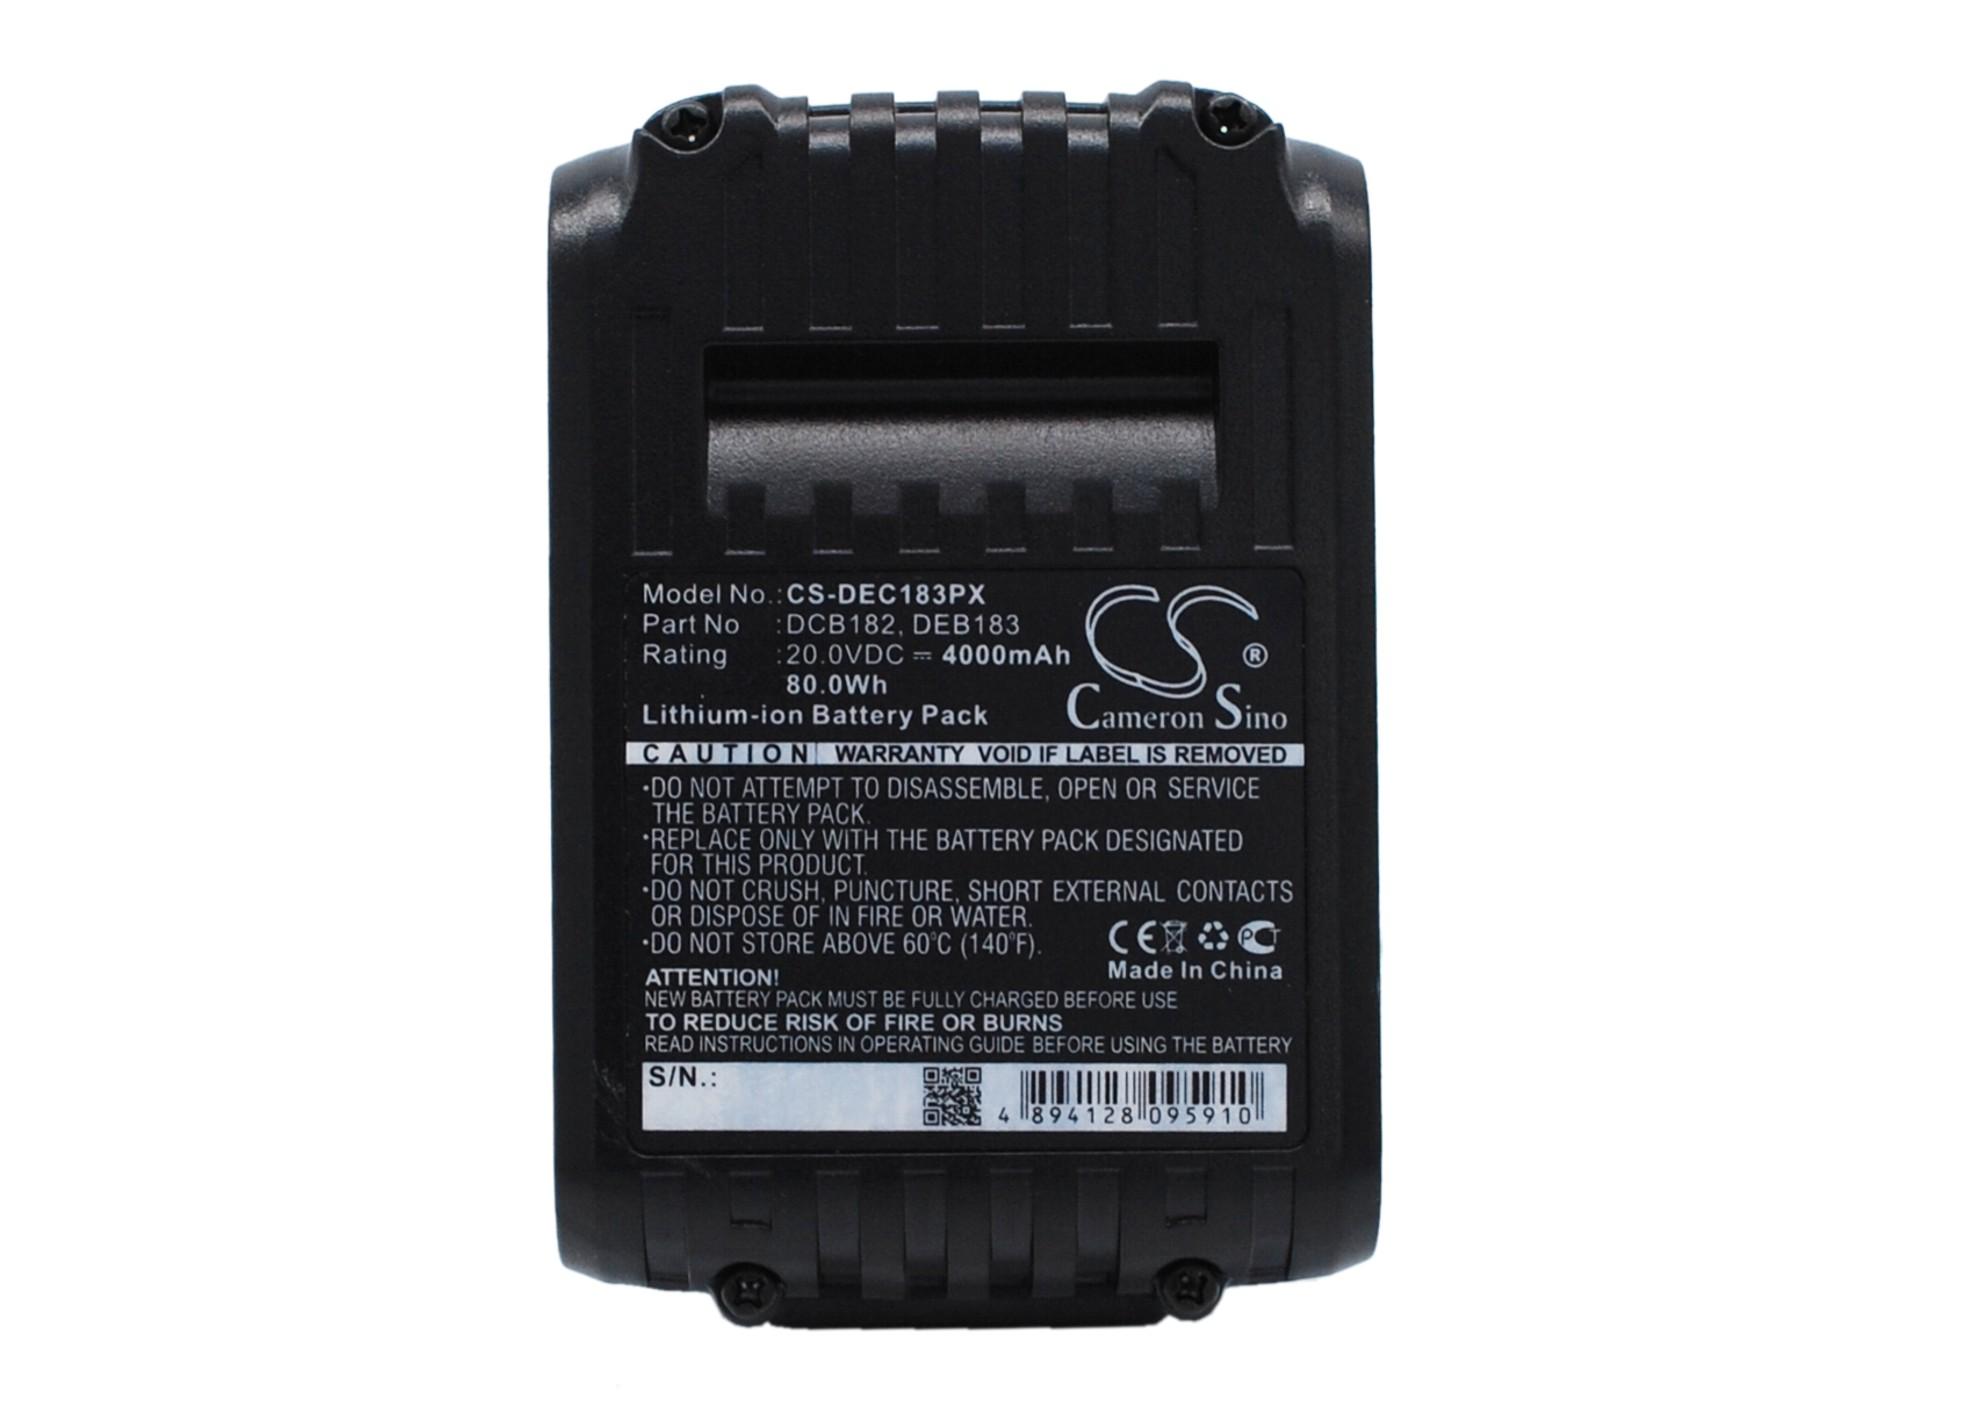 Cameron Sino baterie do nářadí pro DEWALT DCS381 20V Li-ion 4000mAh černá - neoriginální